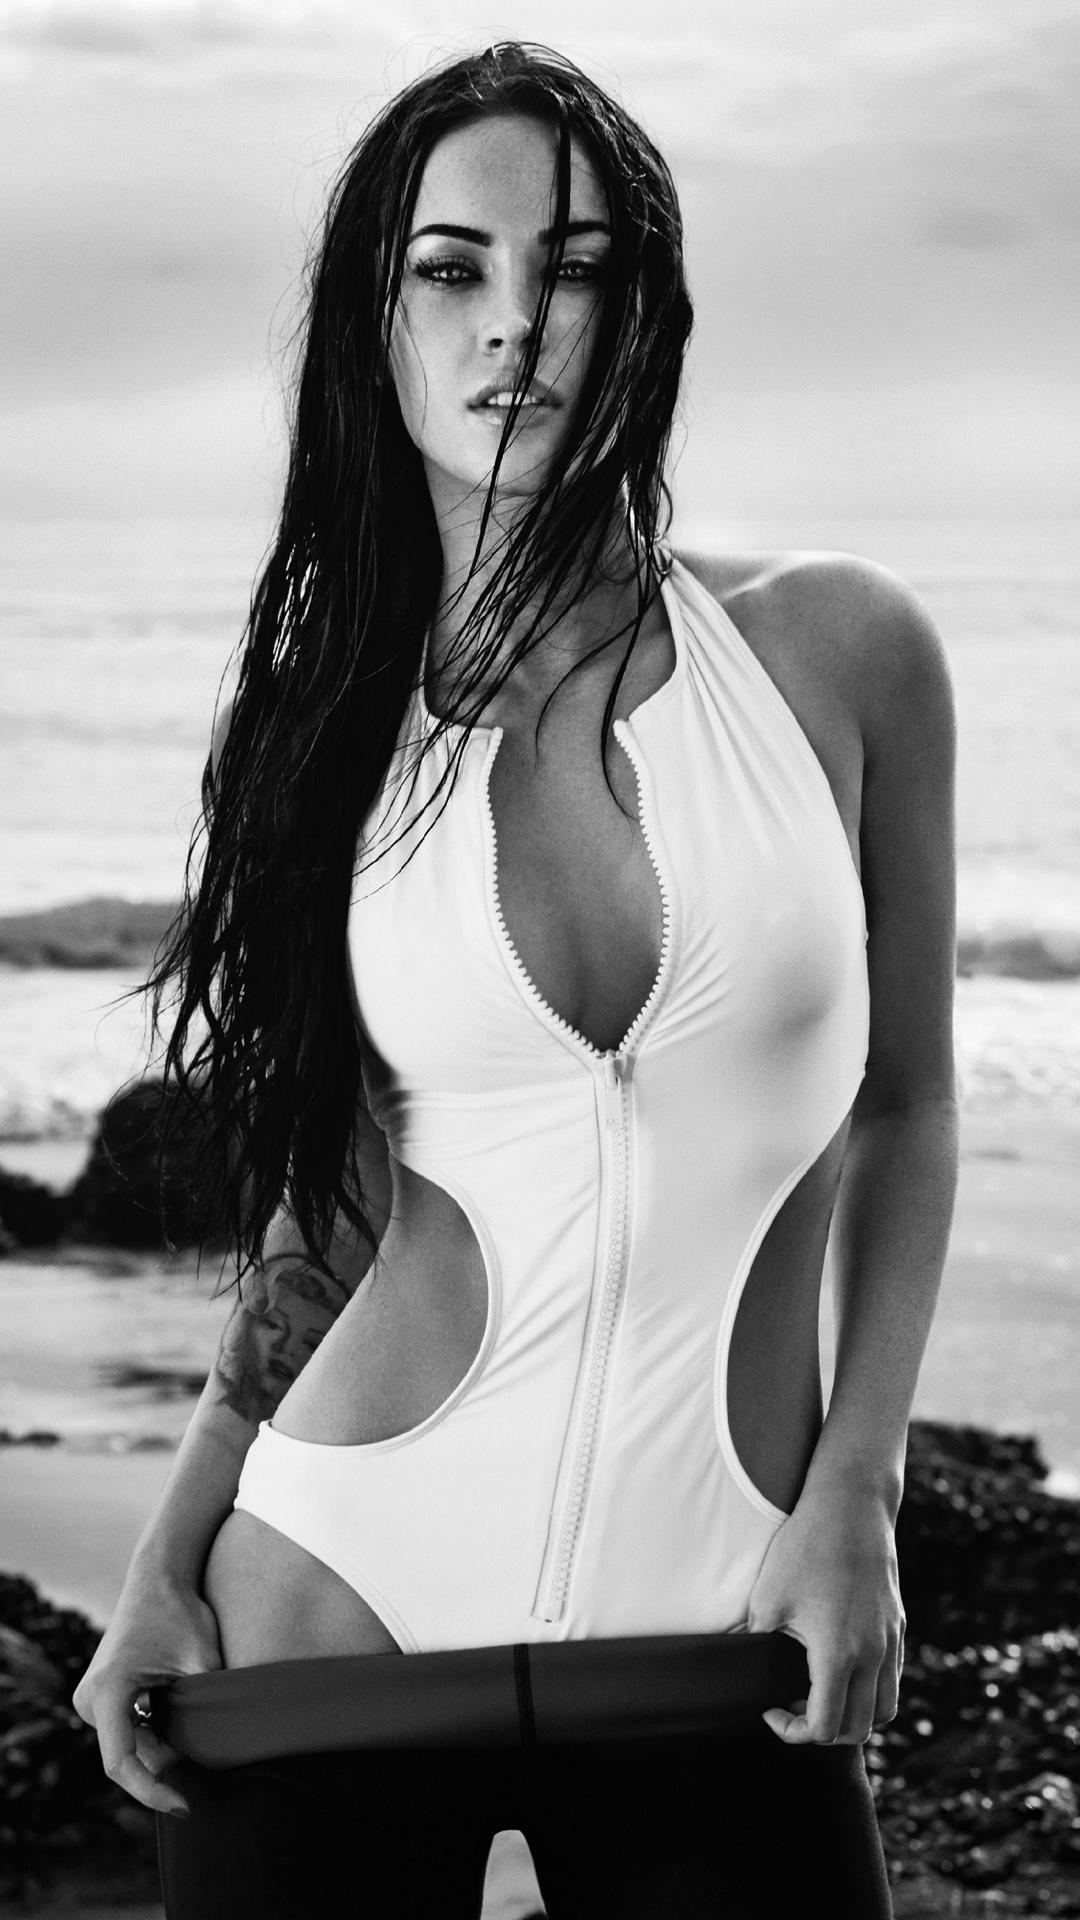 megan fox black white swimsuit maillot bikini sexy model beach attractive body